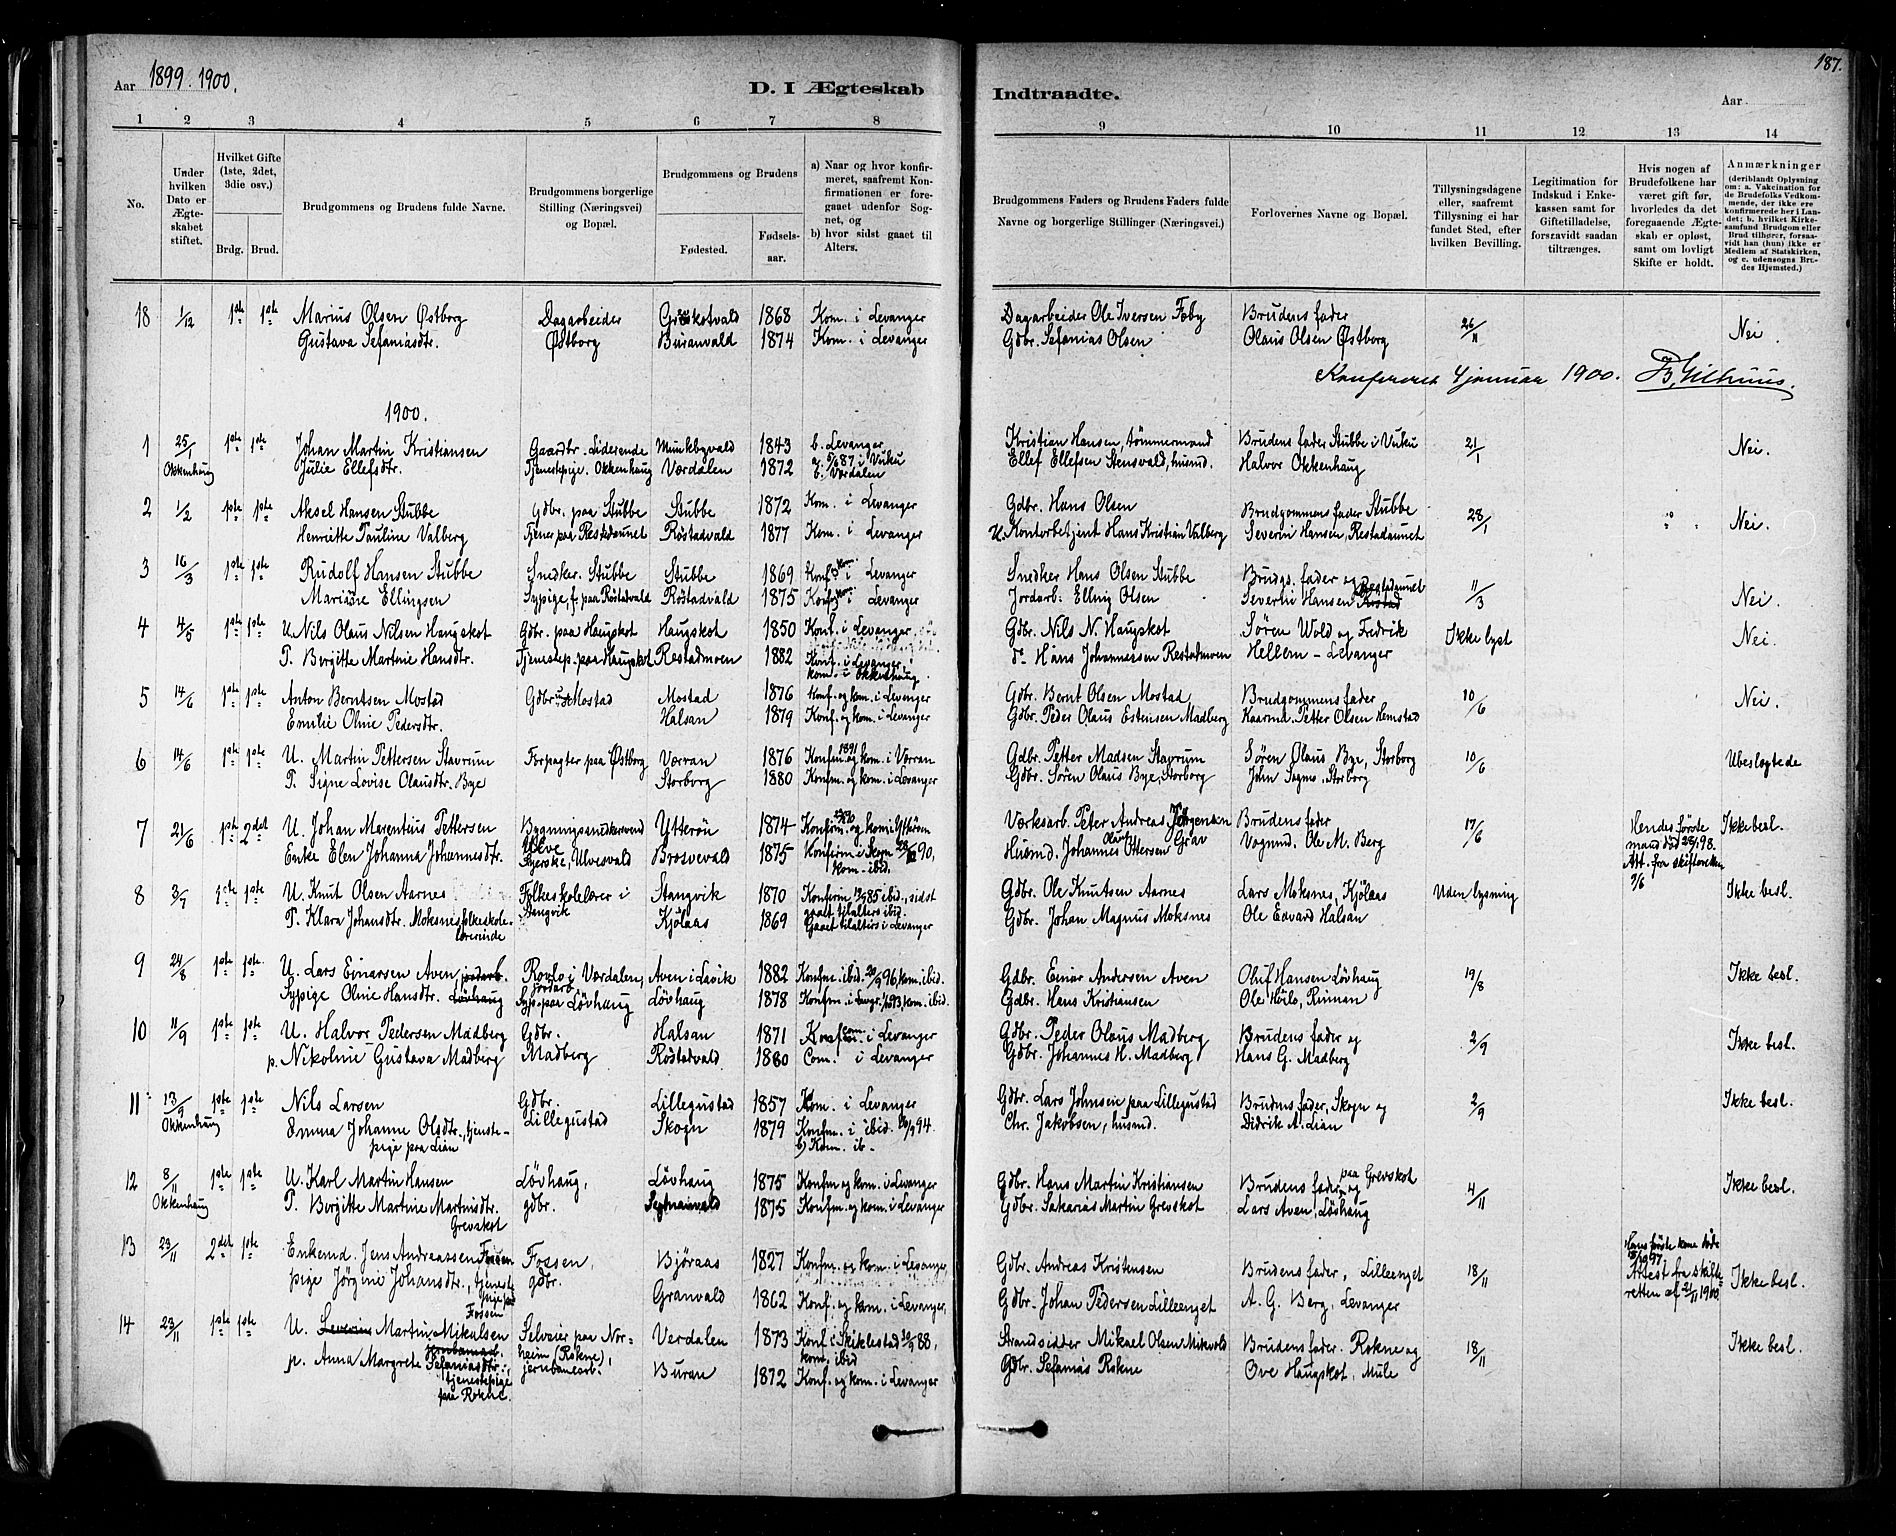 SAT, Ministerialprotokoller, klokkerbøker og fødselsregistre - Nord-Trøndelag, 721/L0208: Klokkerbok nr. 721C01, 1880-1917, s. 187